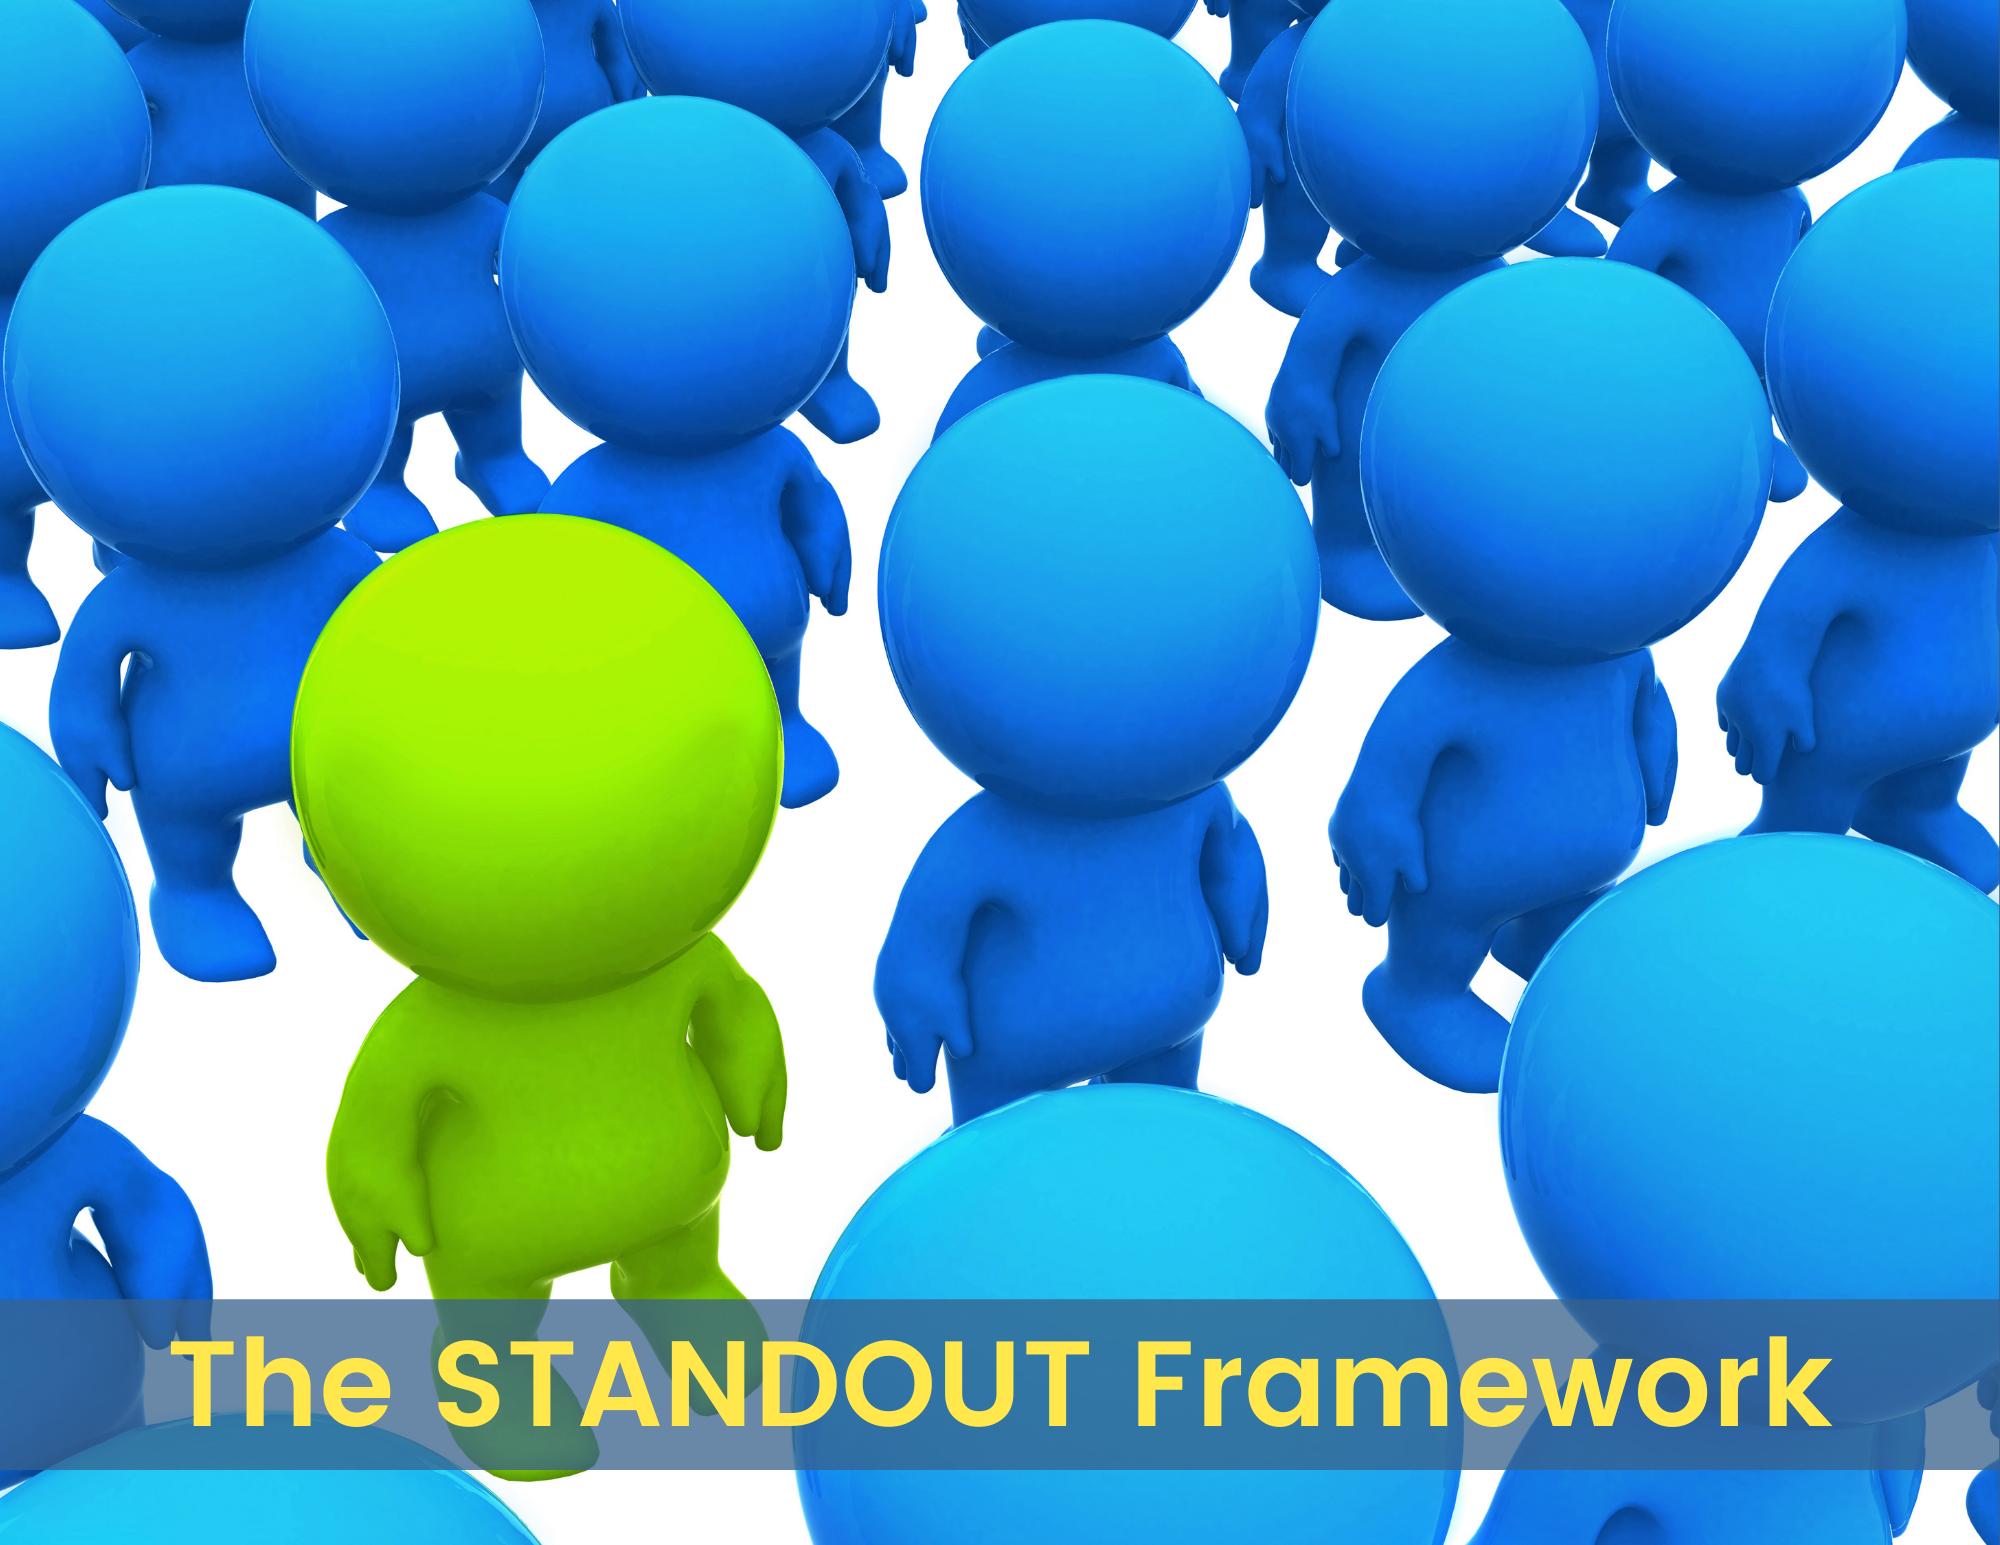 The STANDOUT Framework